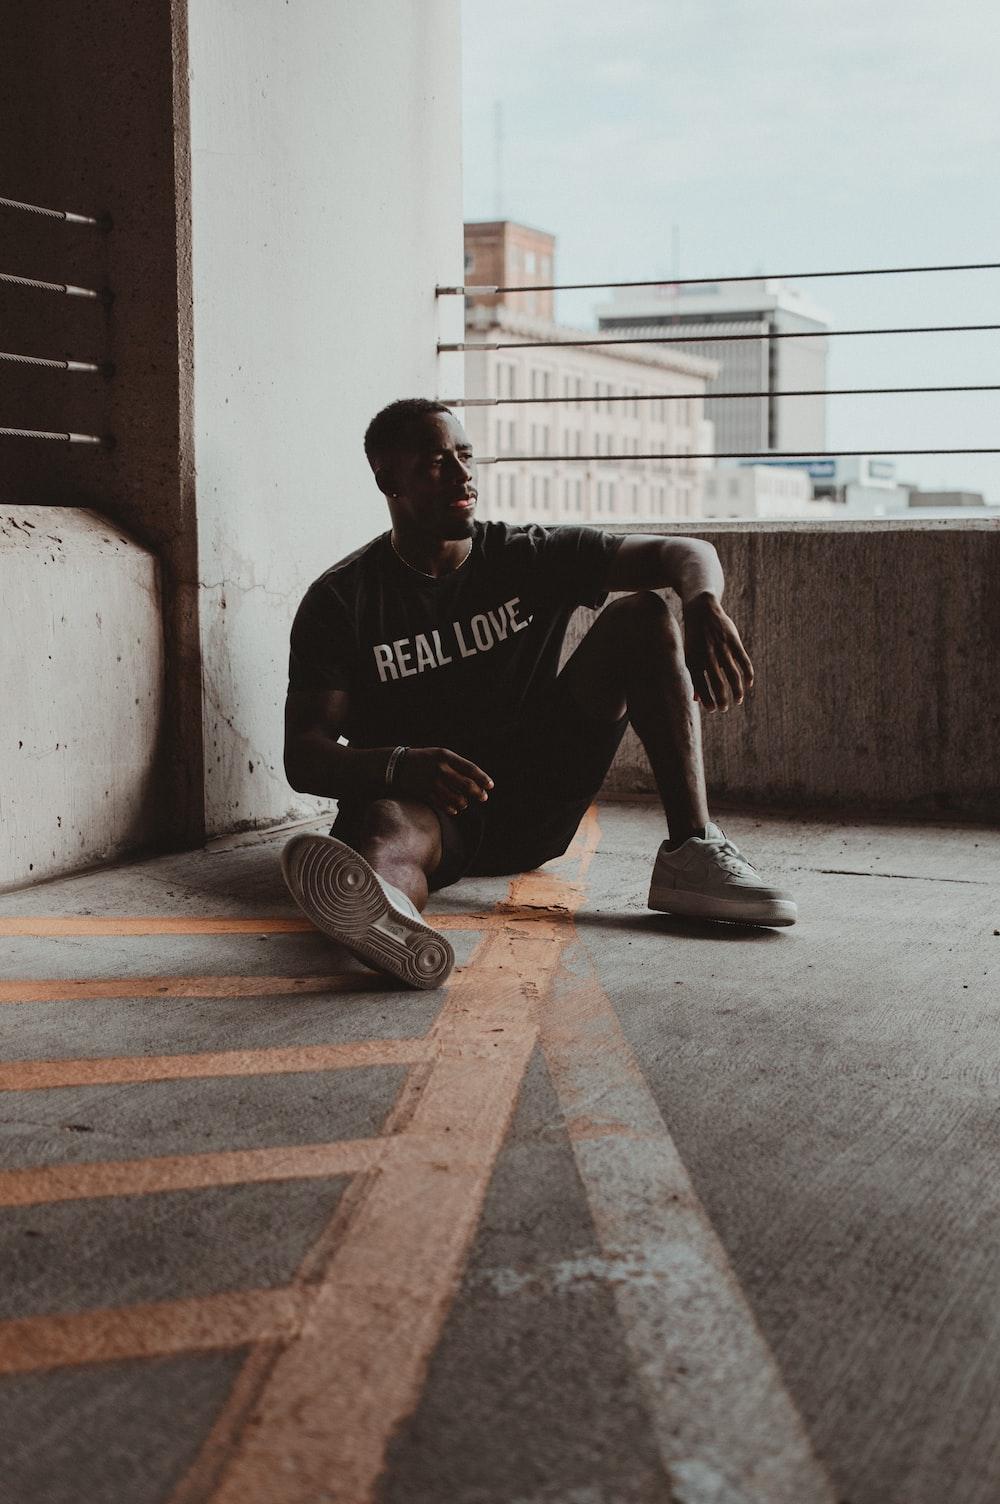 sitting man wearing Real Love shirt during daytime